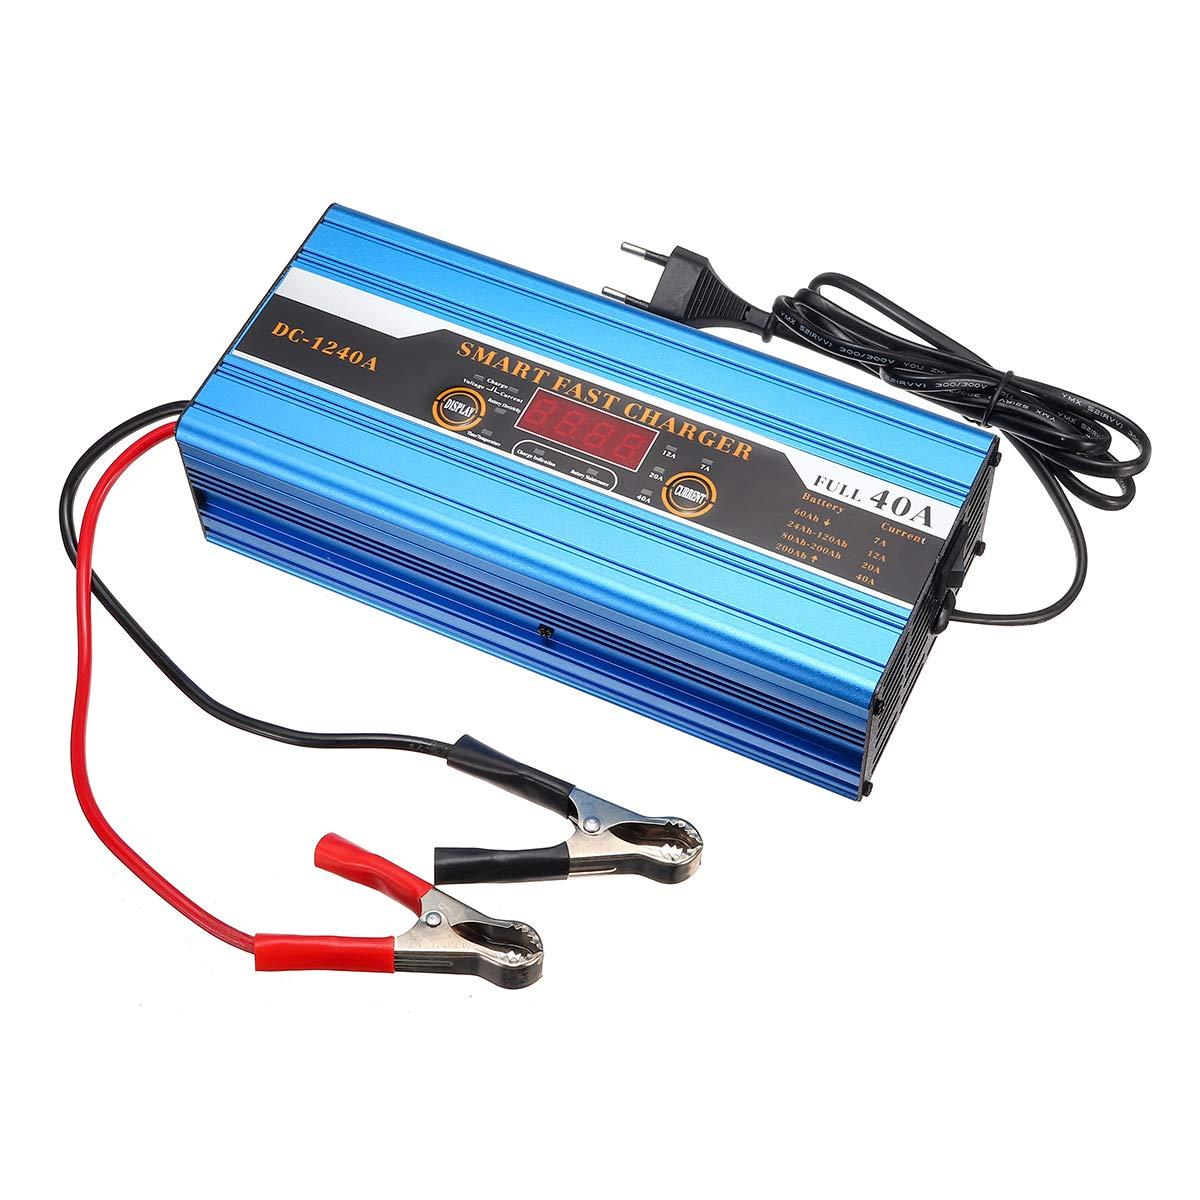 30A C-FUNN Batteria 20A 40A 40A Piombo-Acido 20Ah A 200Ah Caricabatterie Intelligente Multifunzione per Display LCD per Auto Moto